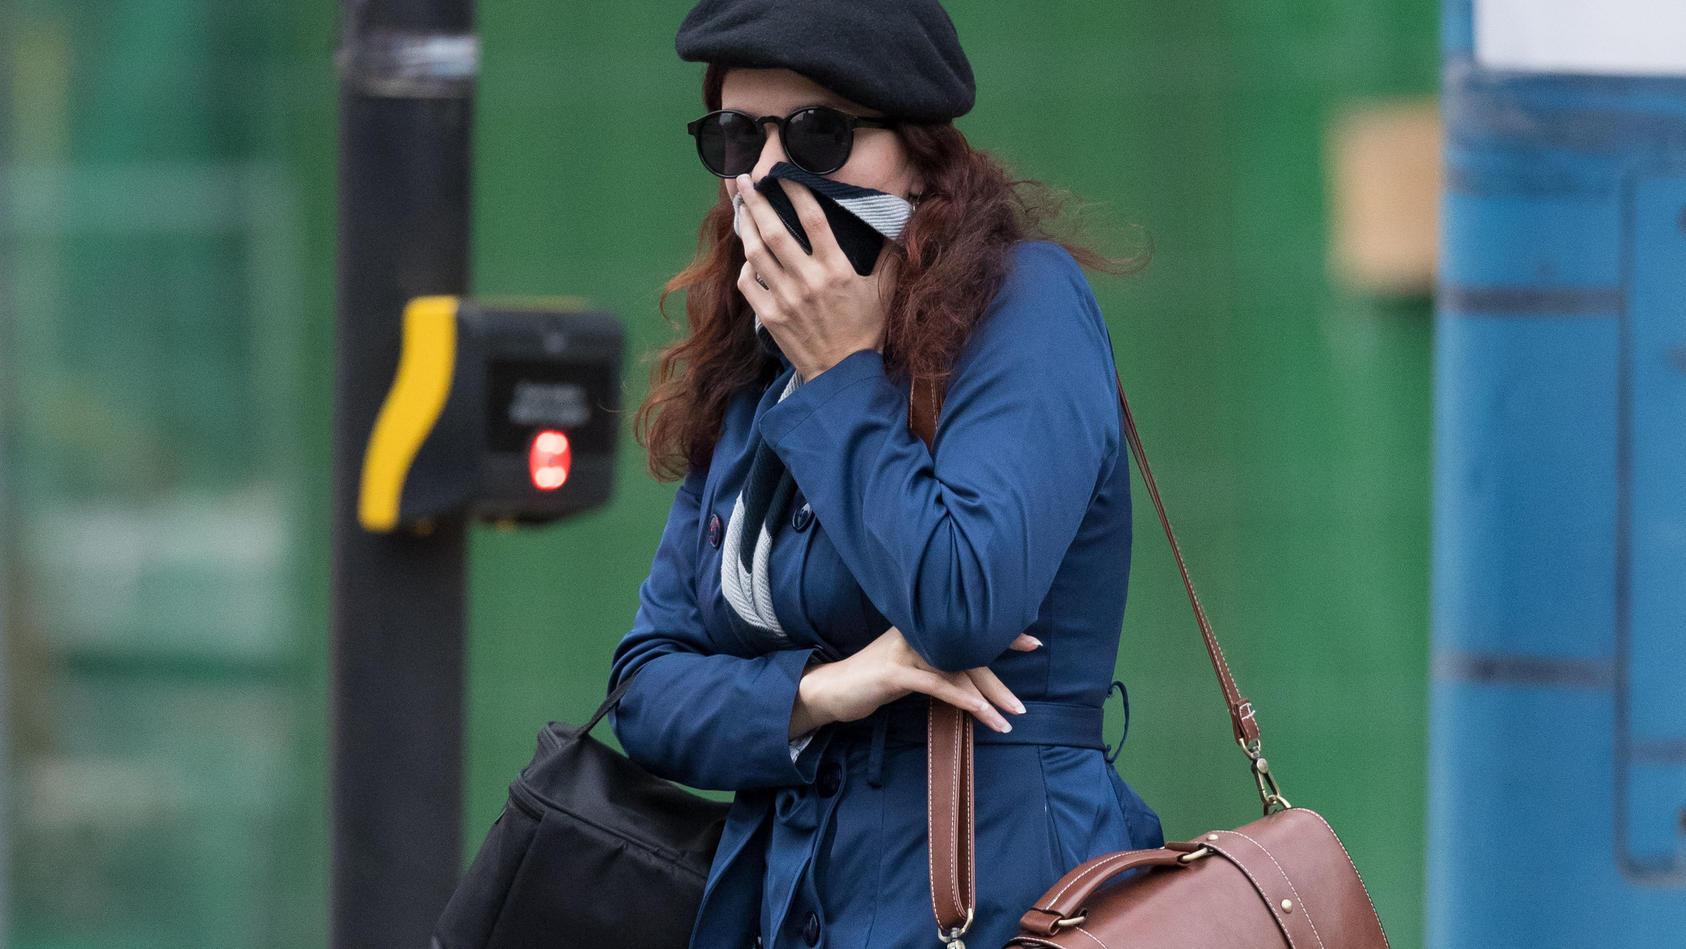 """Claudia Patatas verlässt das Birmingham Crown Gerichtsgebäude. Patatas und ihr Partner Adam Thomas sind angeklagt, Mitglieder der verbotenen rechtsextremen Gruppierung """"National Action"""" zu sein."""